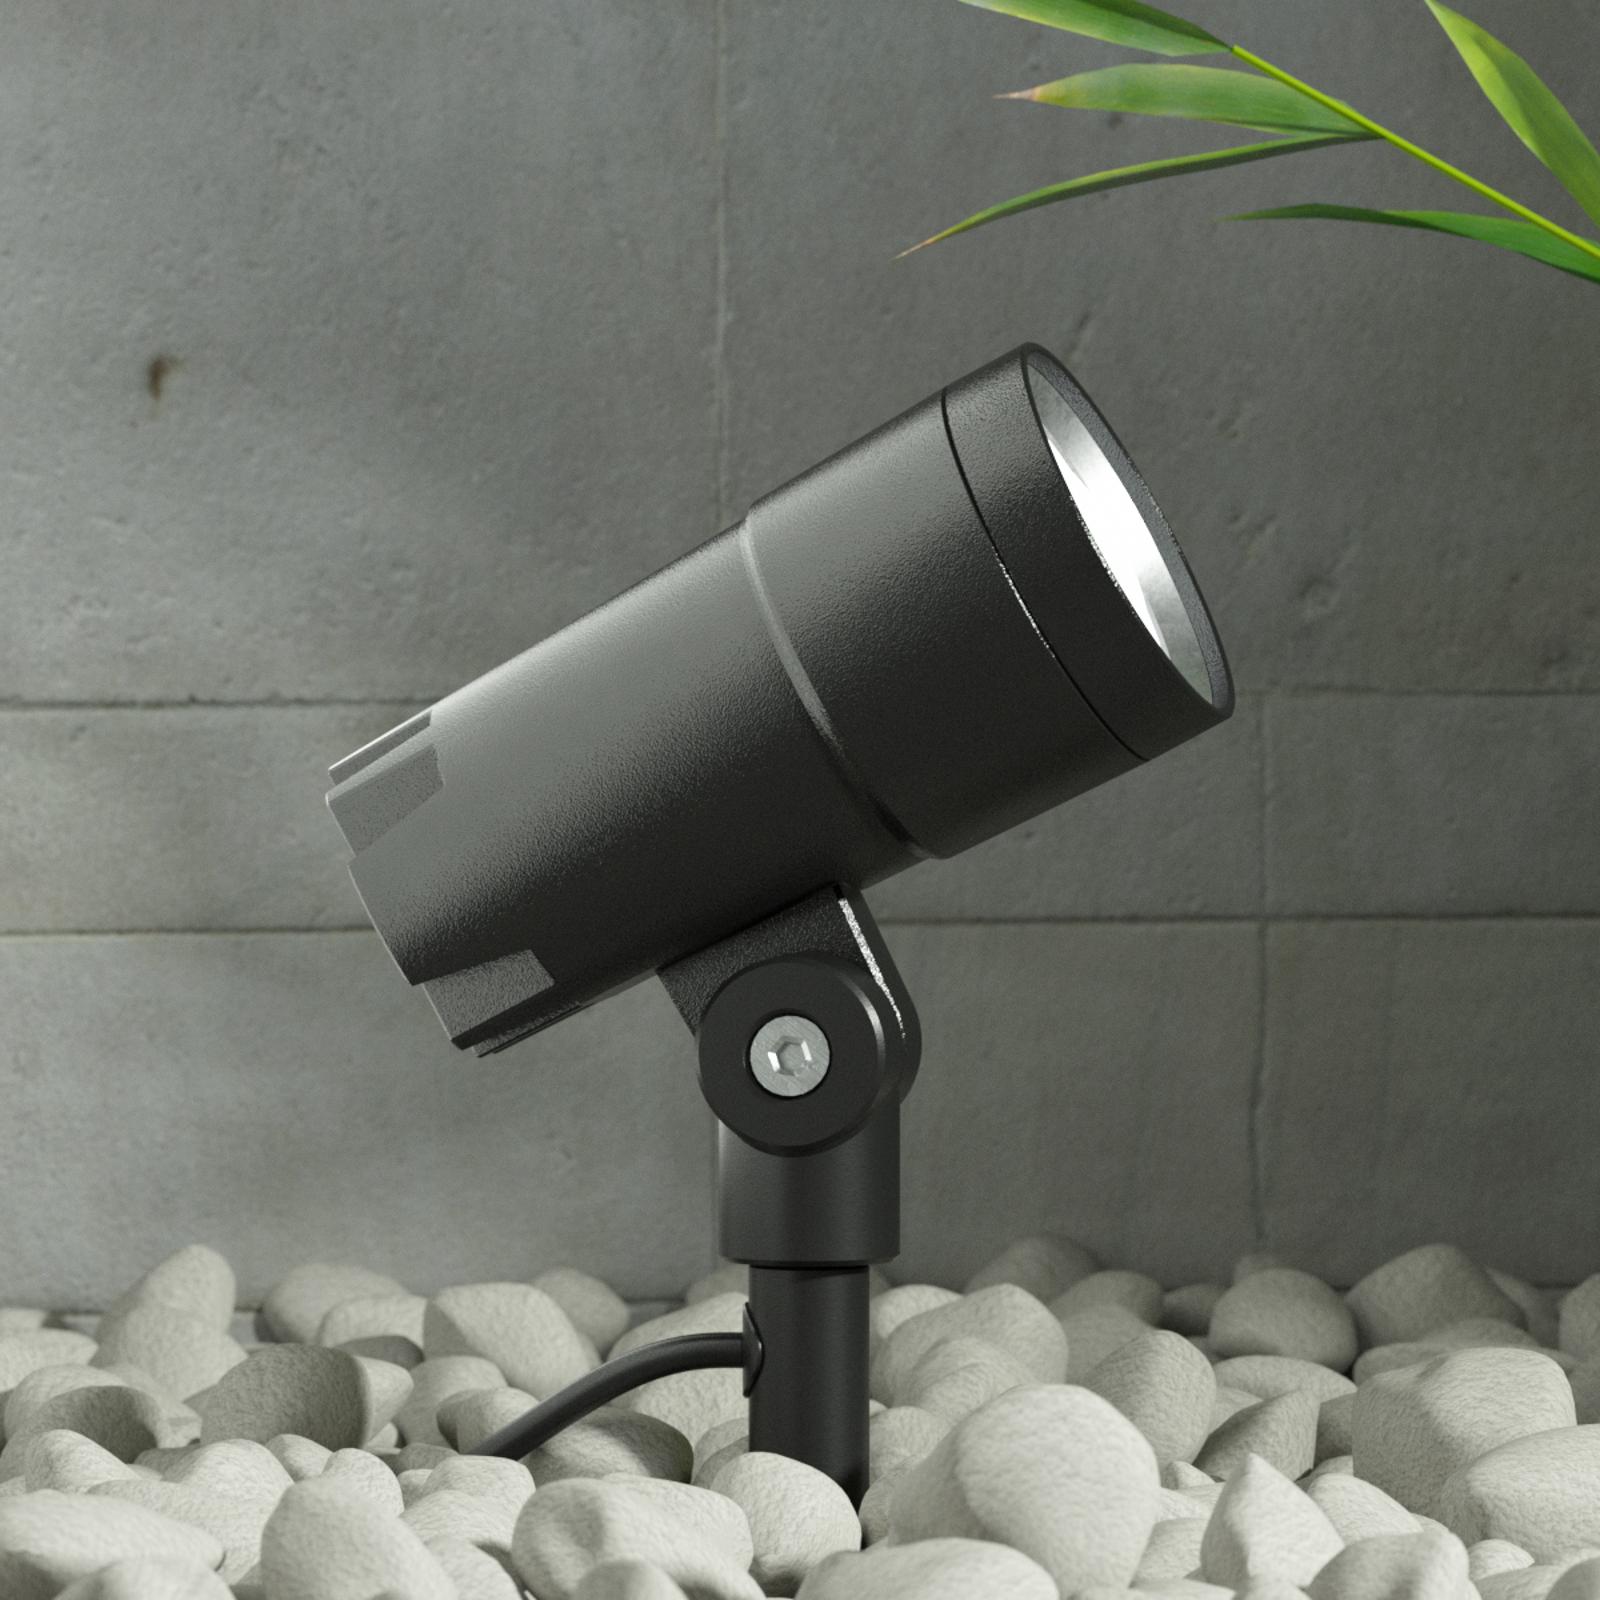 LED-utespot Daja, utstrålingsvinkel kan reguleres